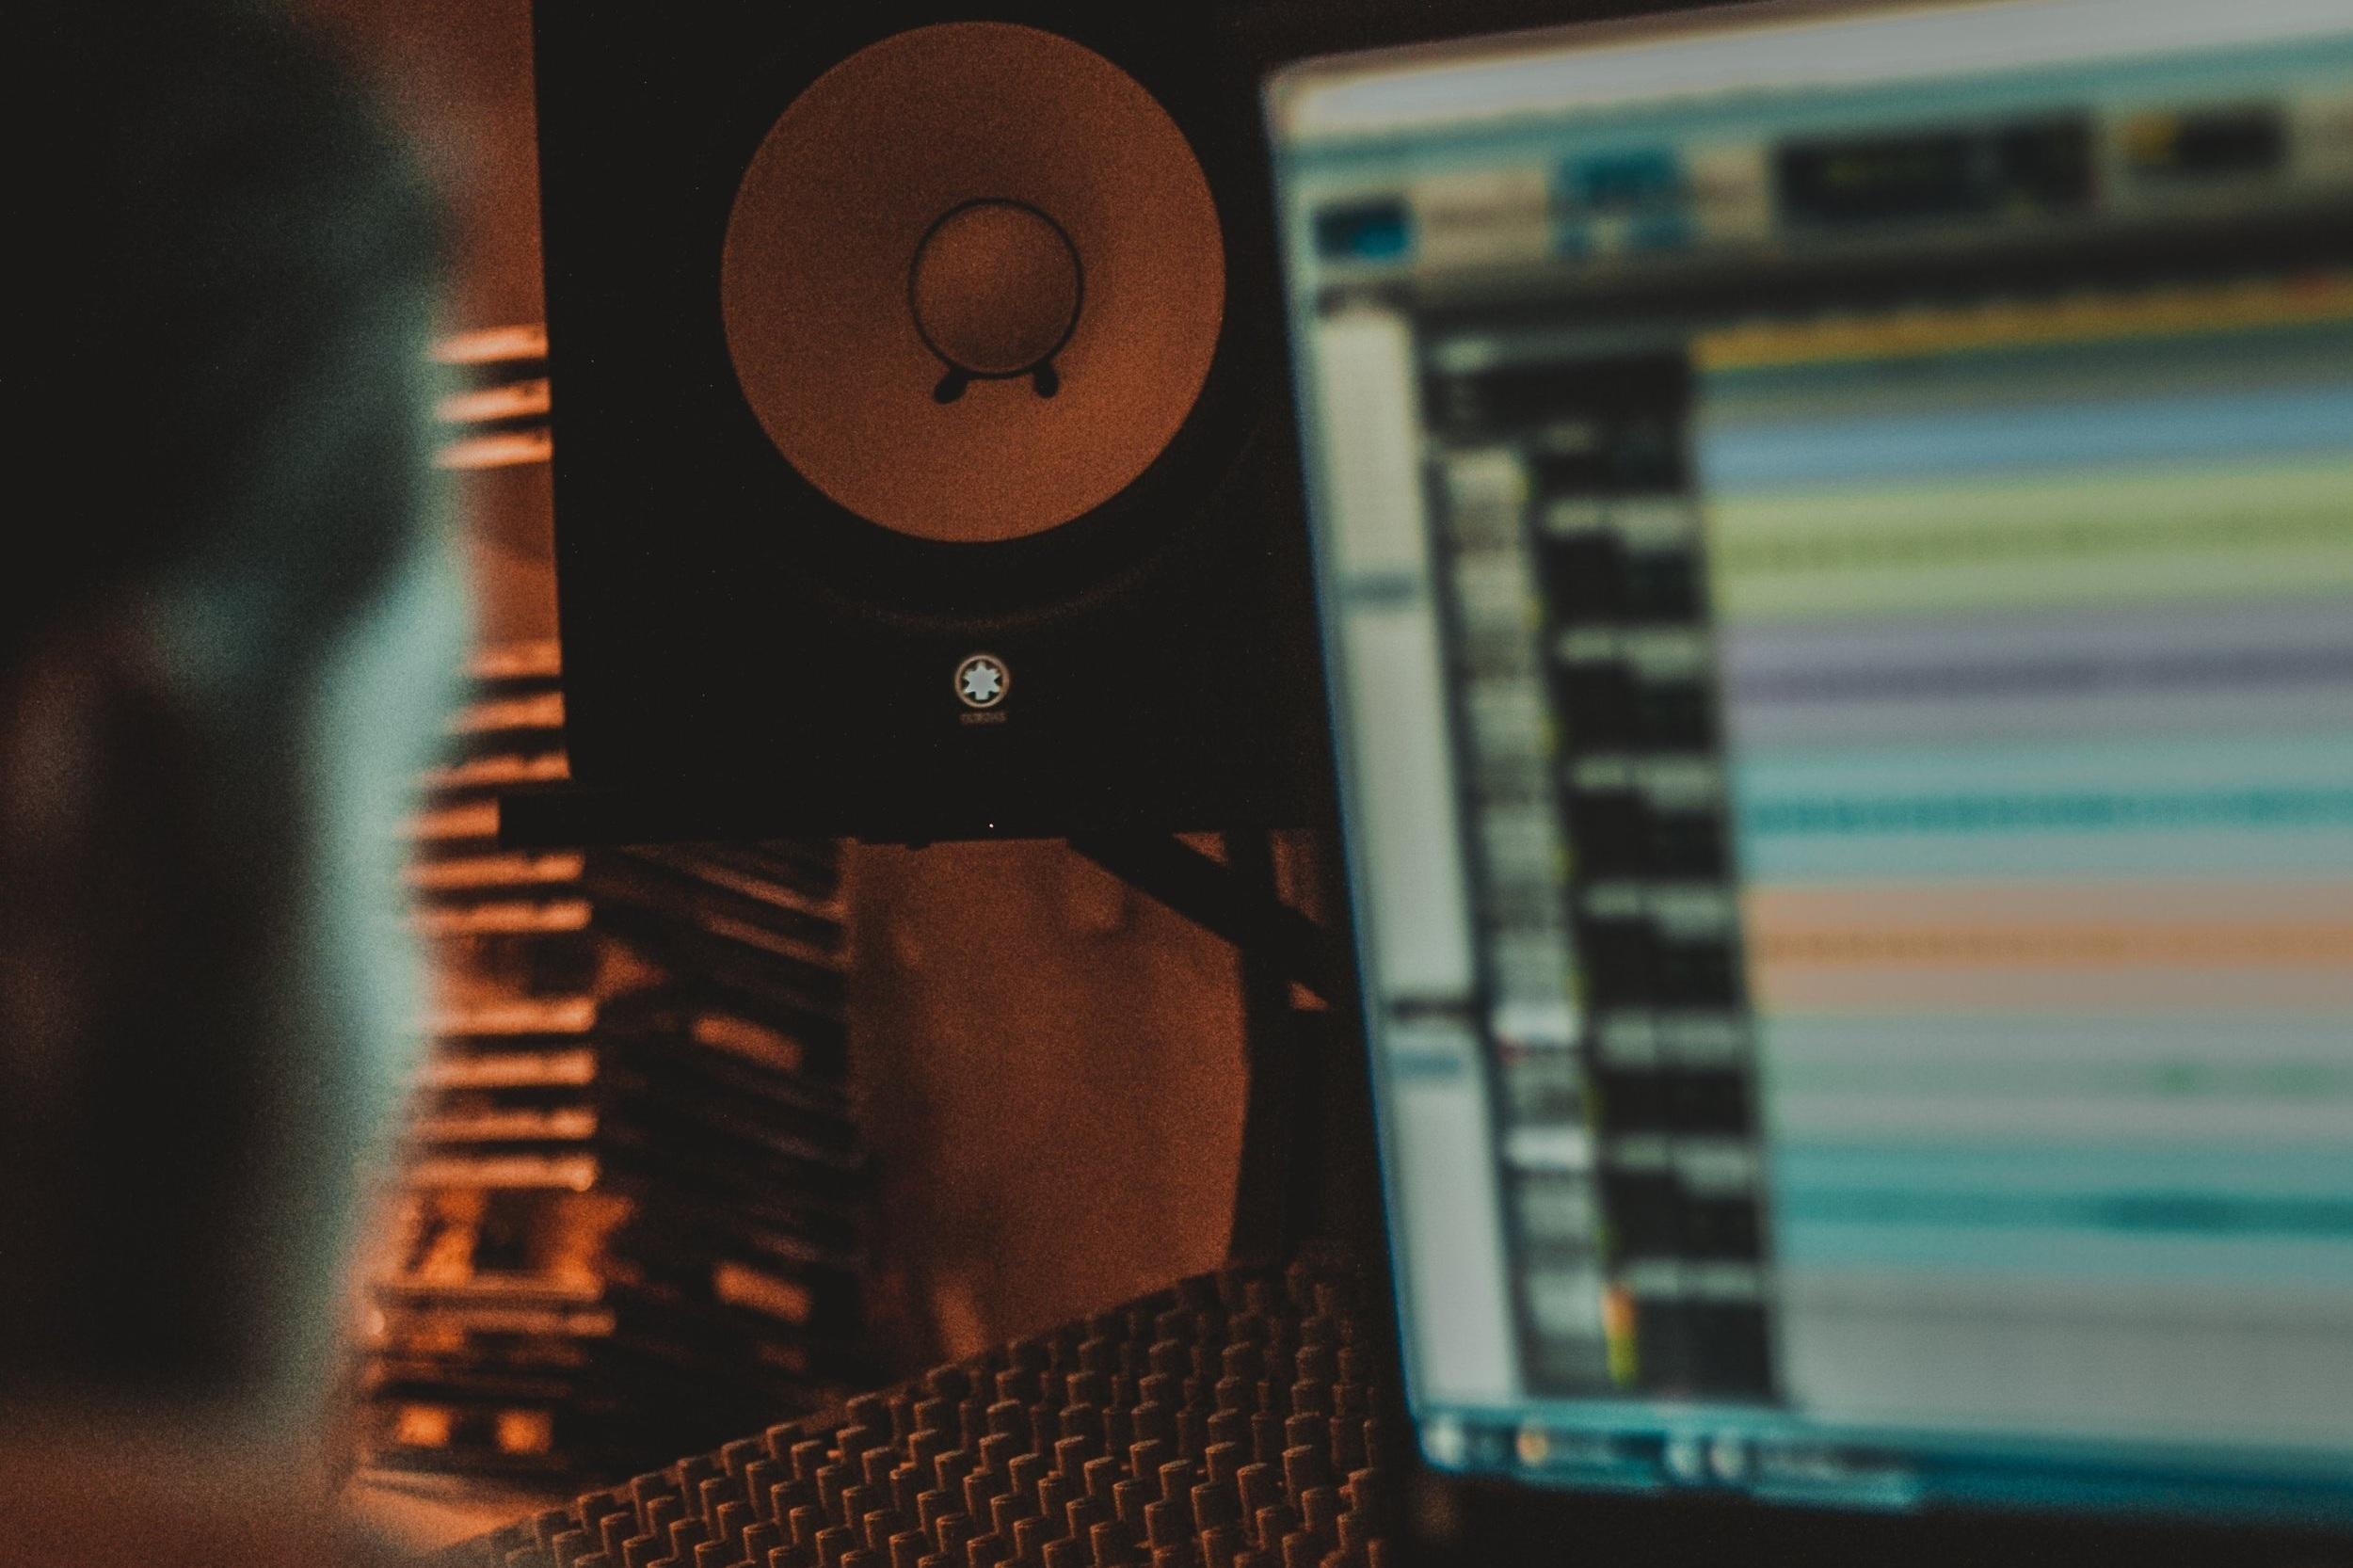 Sound Design/FX